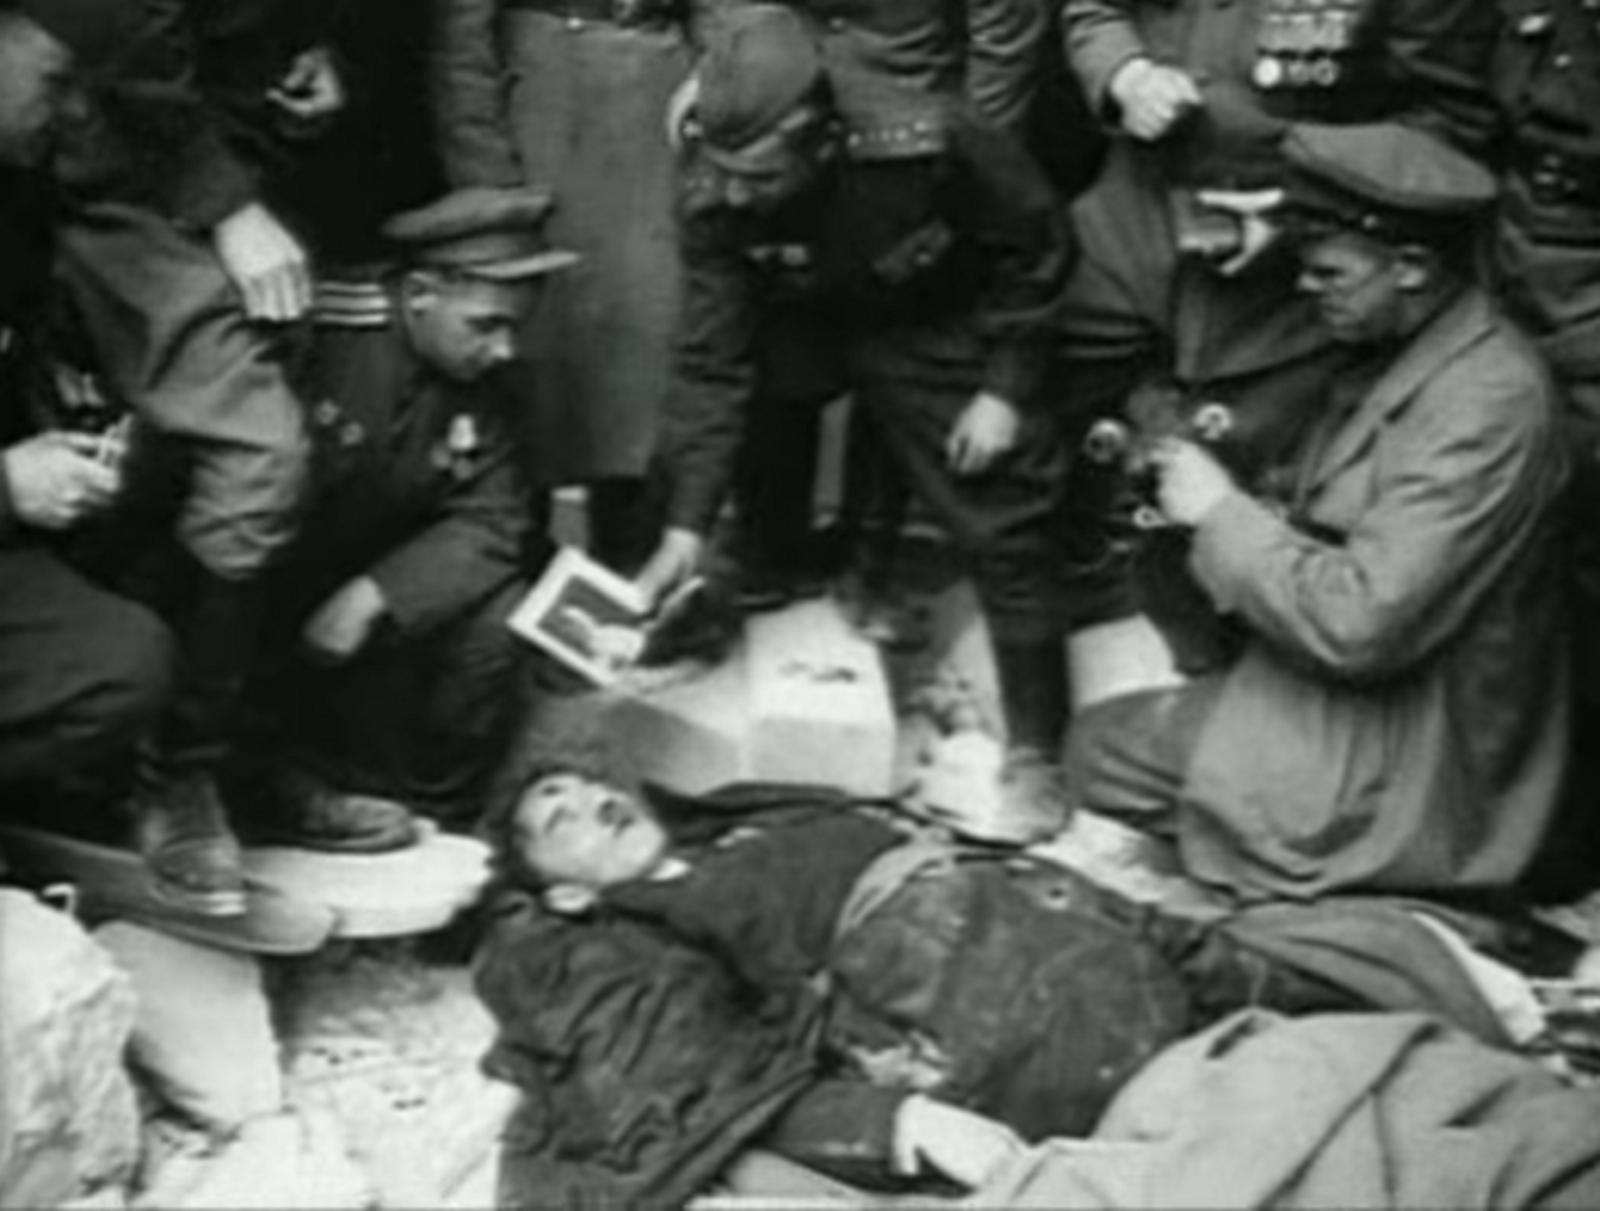 Těla Adolfa Hitlera ani Evy Braunové nebyla nikdy oficiálně identifikována.